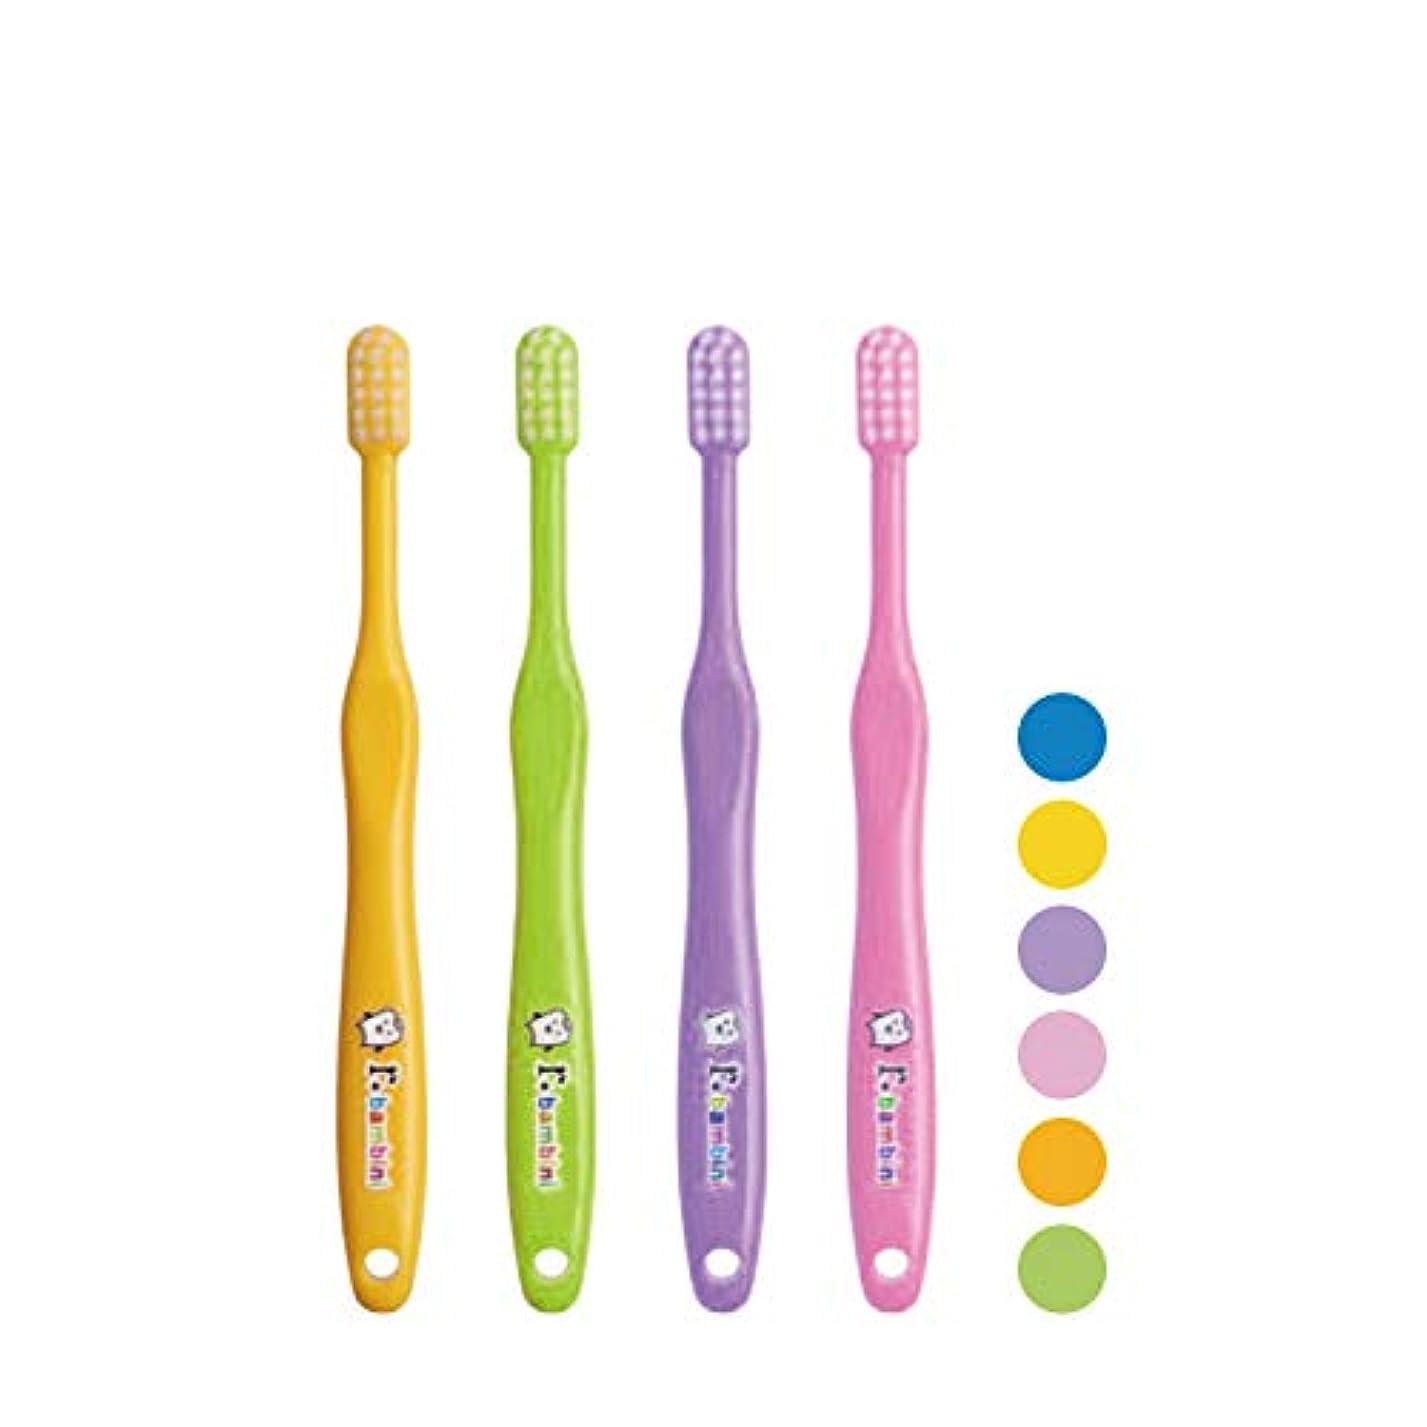 びっくりした形状その結果サムフレンド r(アール) シリーズ アール バンビーニ 子ども用 歯ブラシ?12本セット S (やわらかめ)